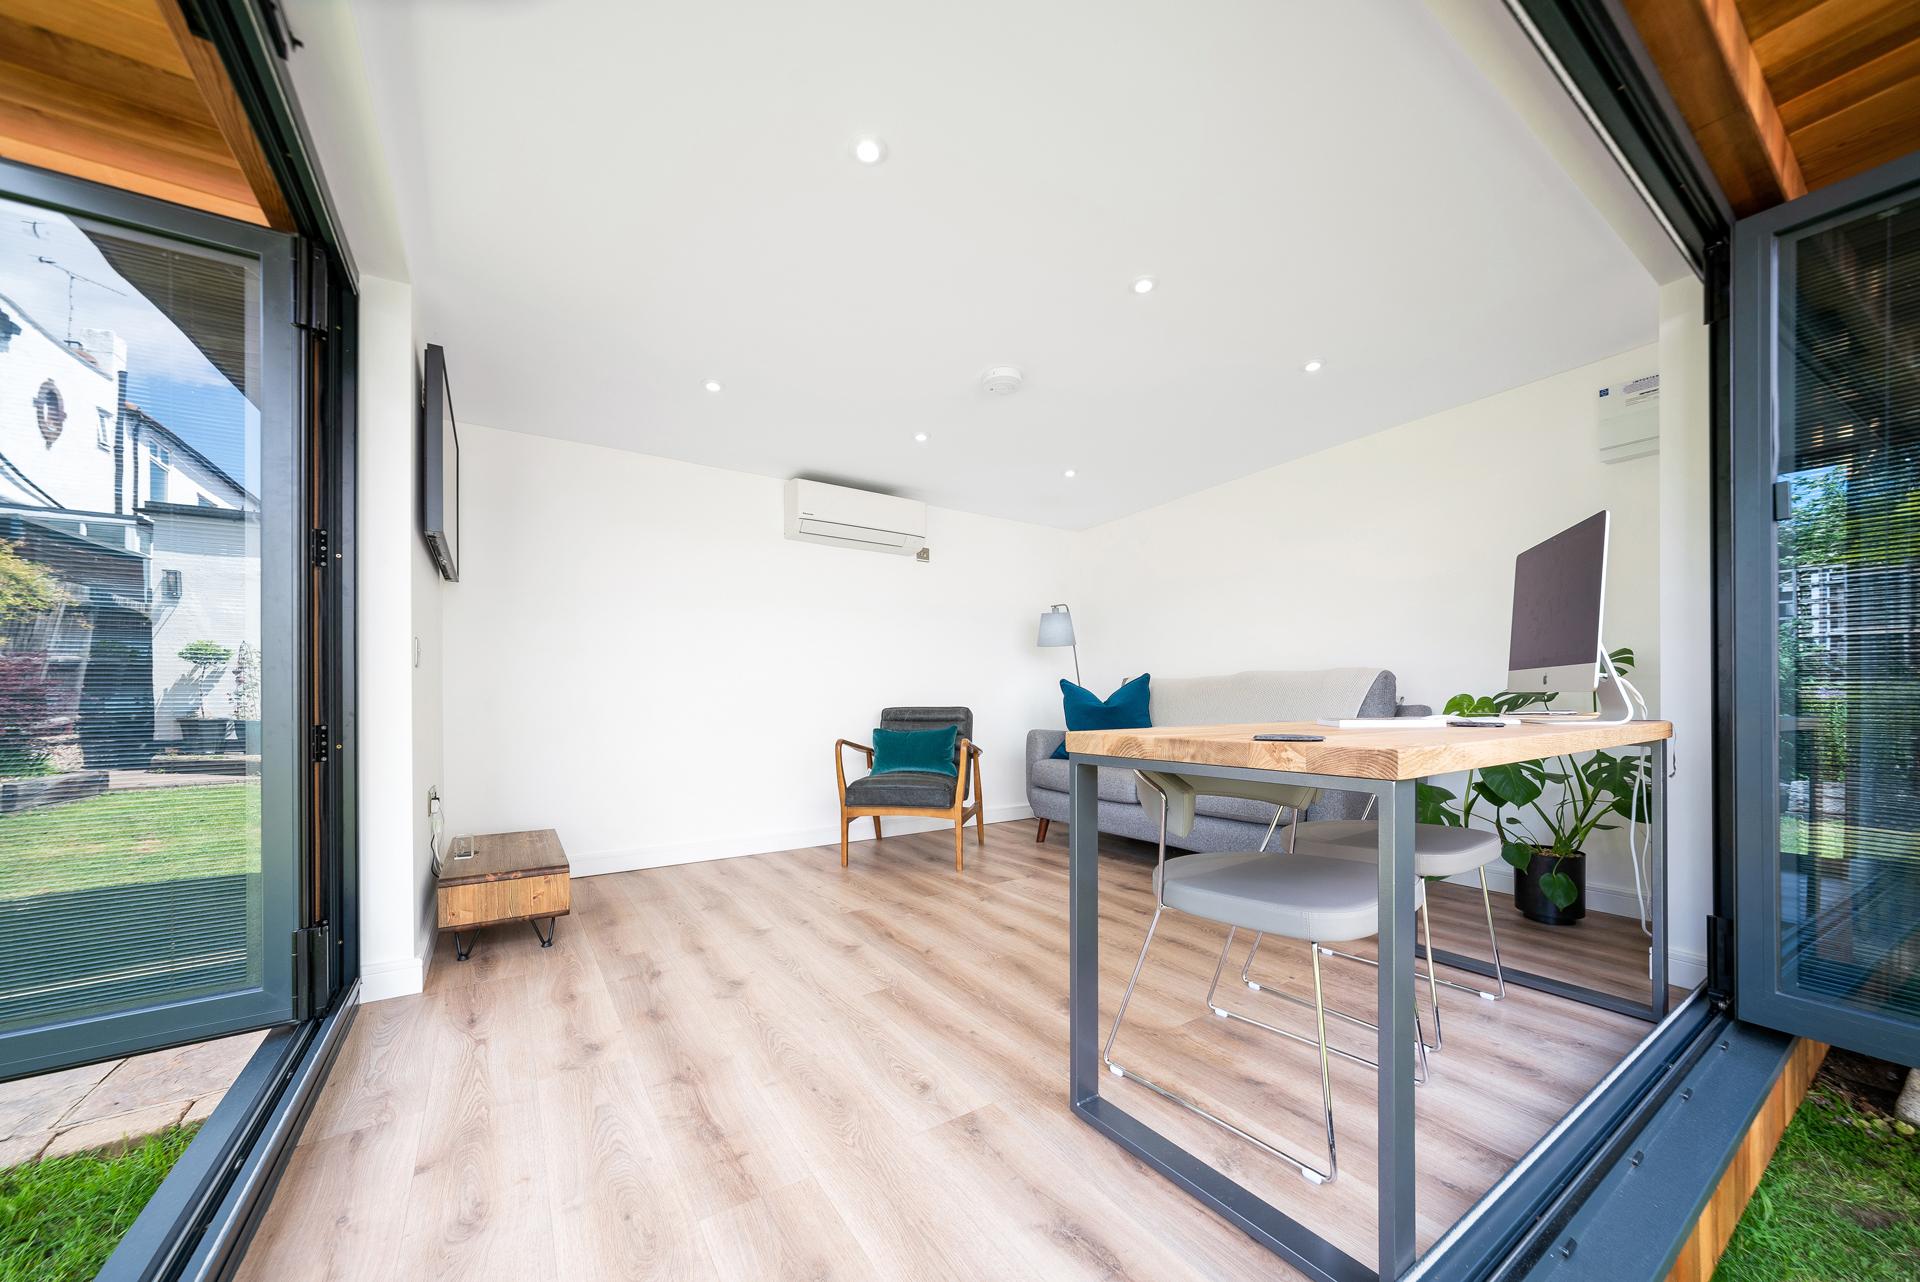 Luxury garden office in Essex